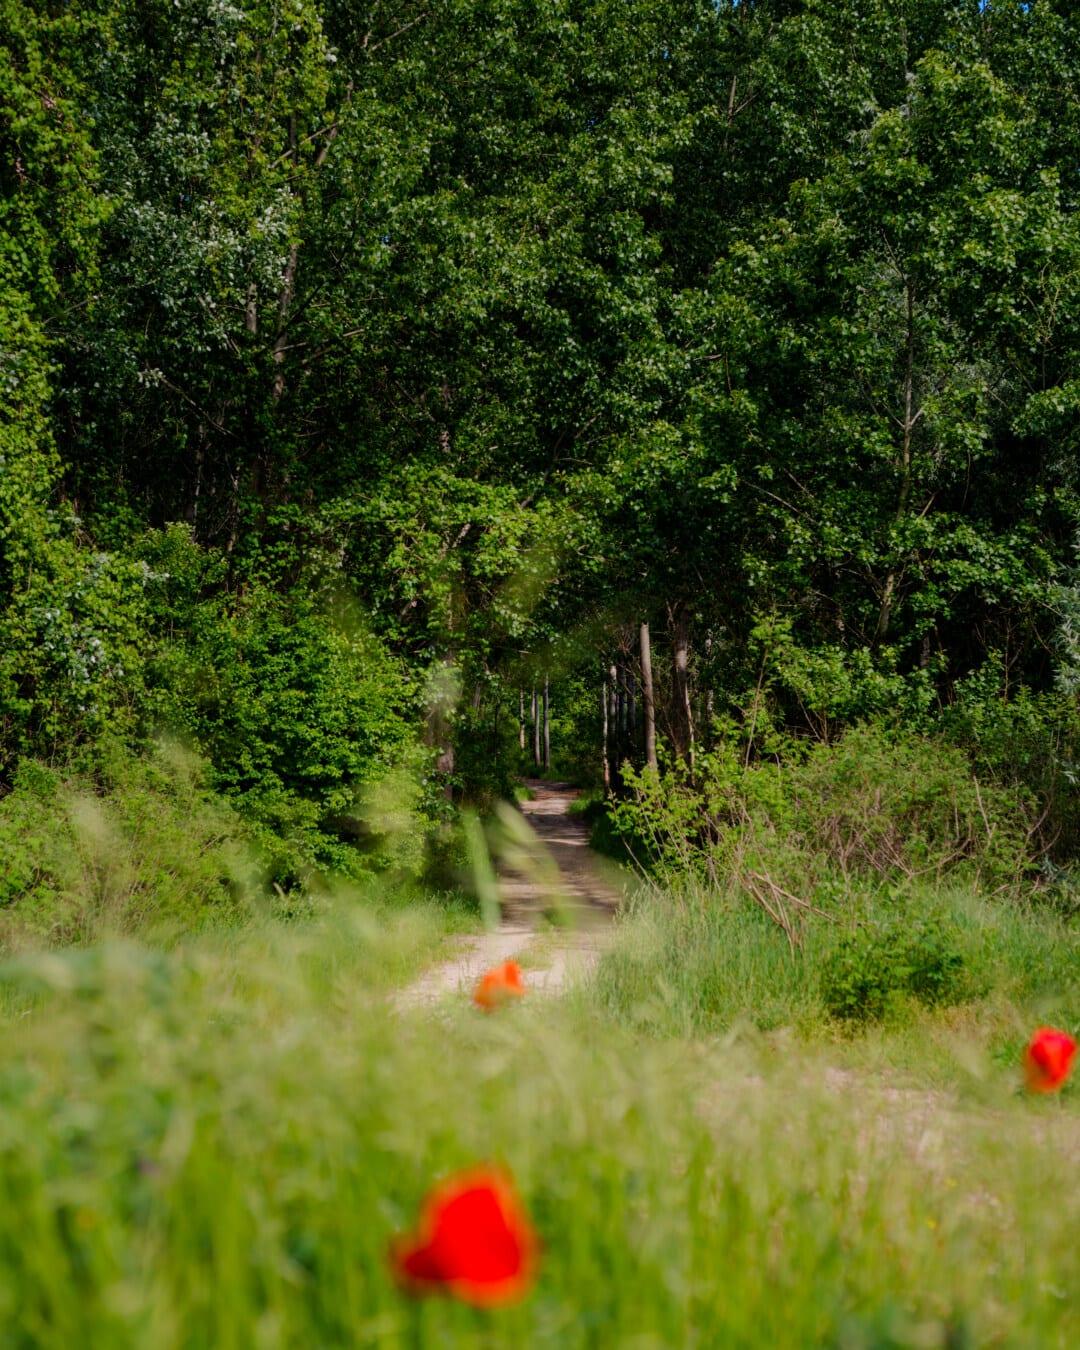 Waldweg, Forststraße, Gras, Struktur, Natur, Blume, Sommer, Landschaft, Blatt, Holz